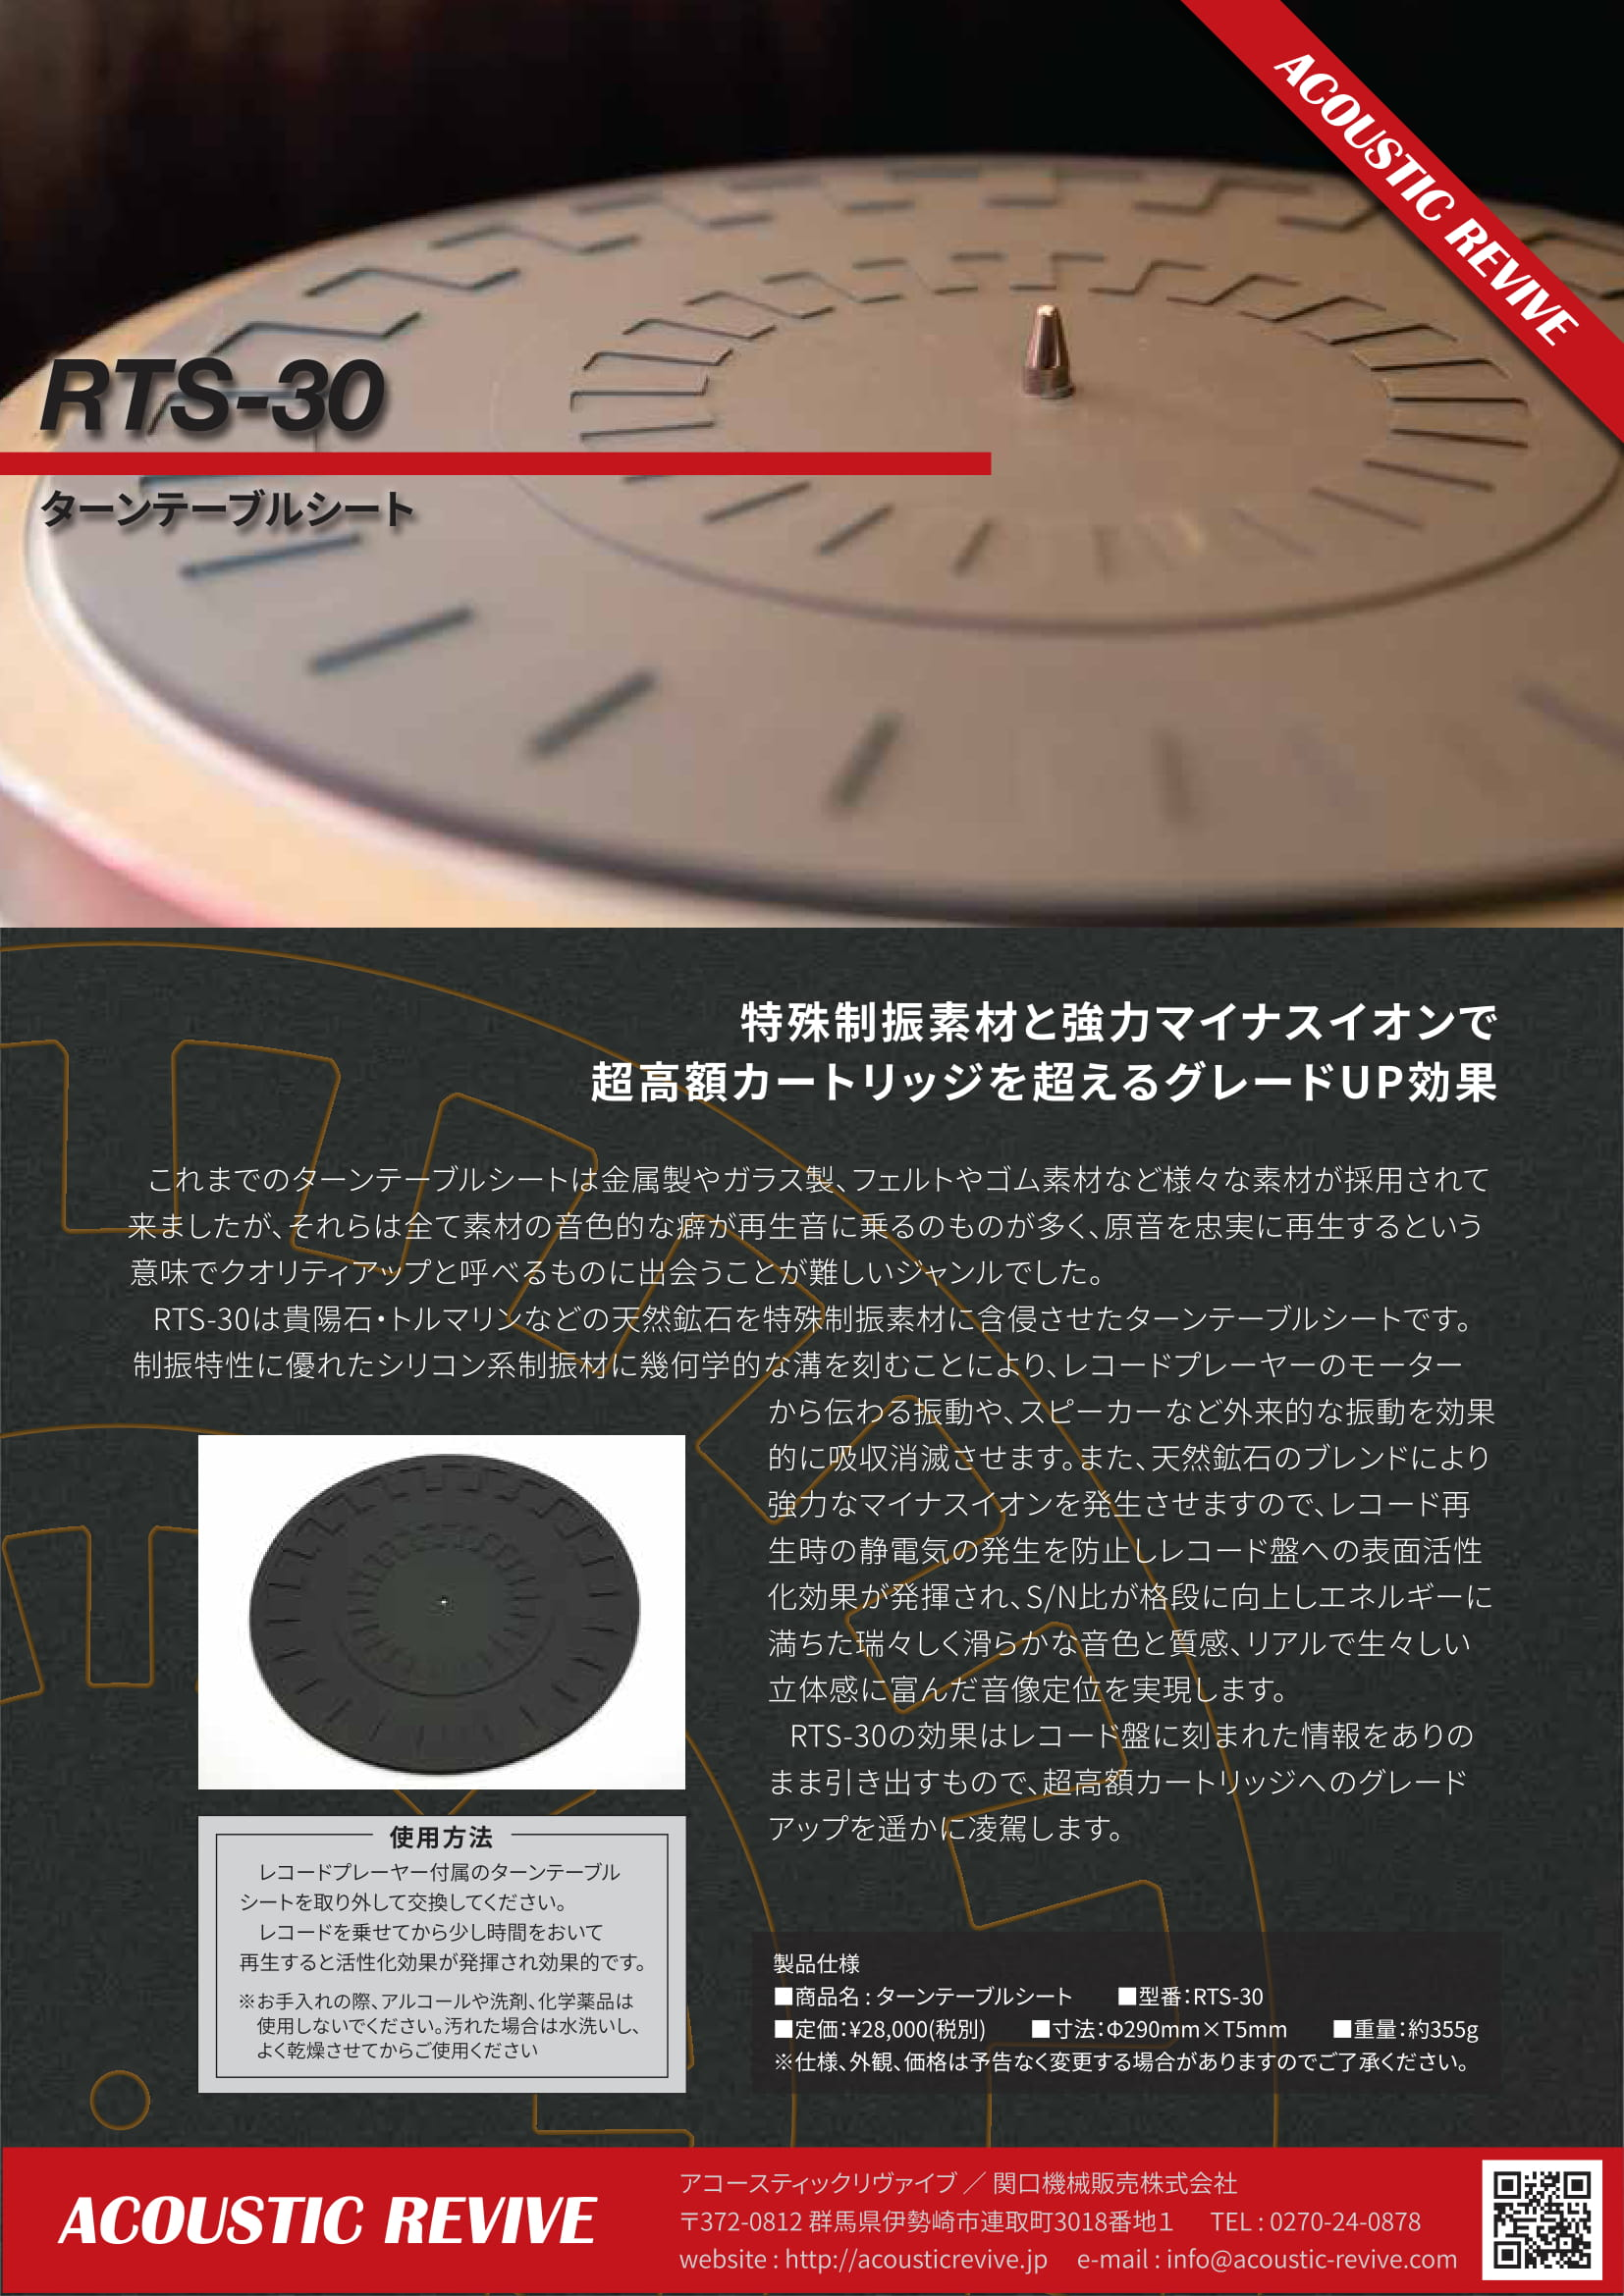 RTS-30販促資料 (1)-1